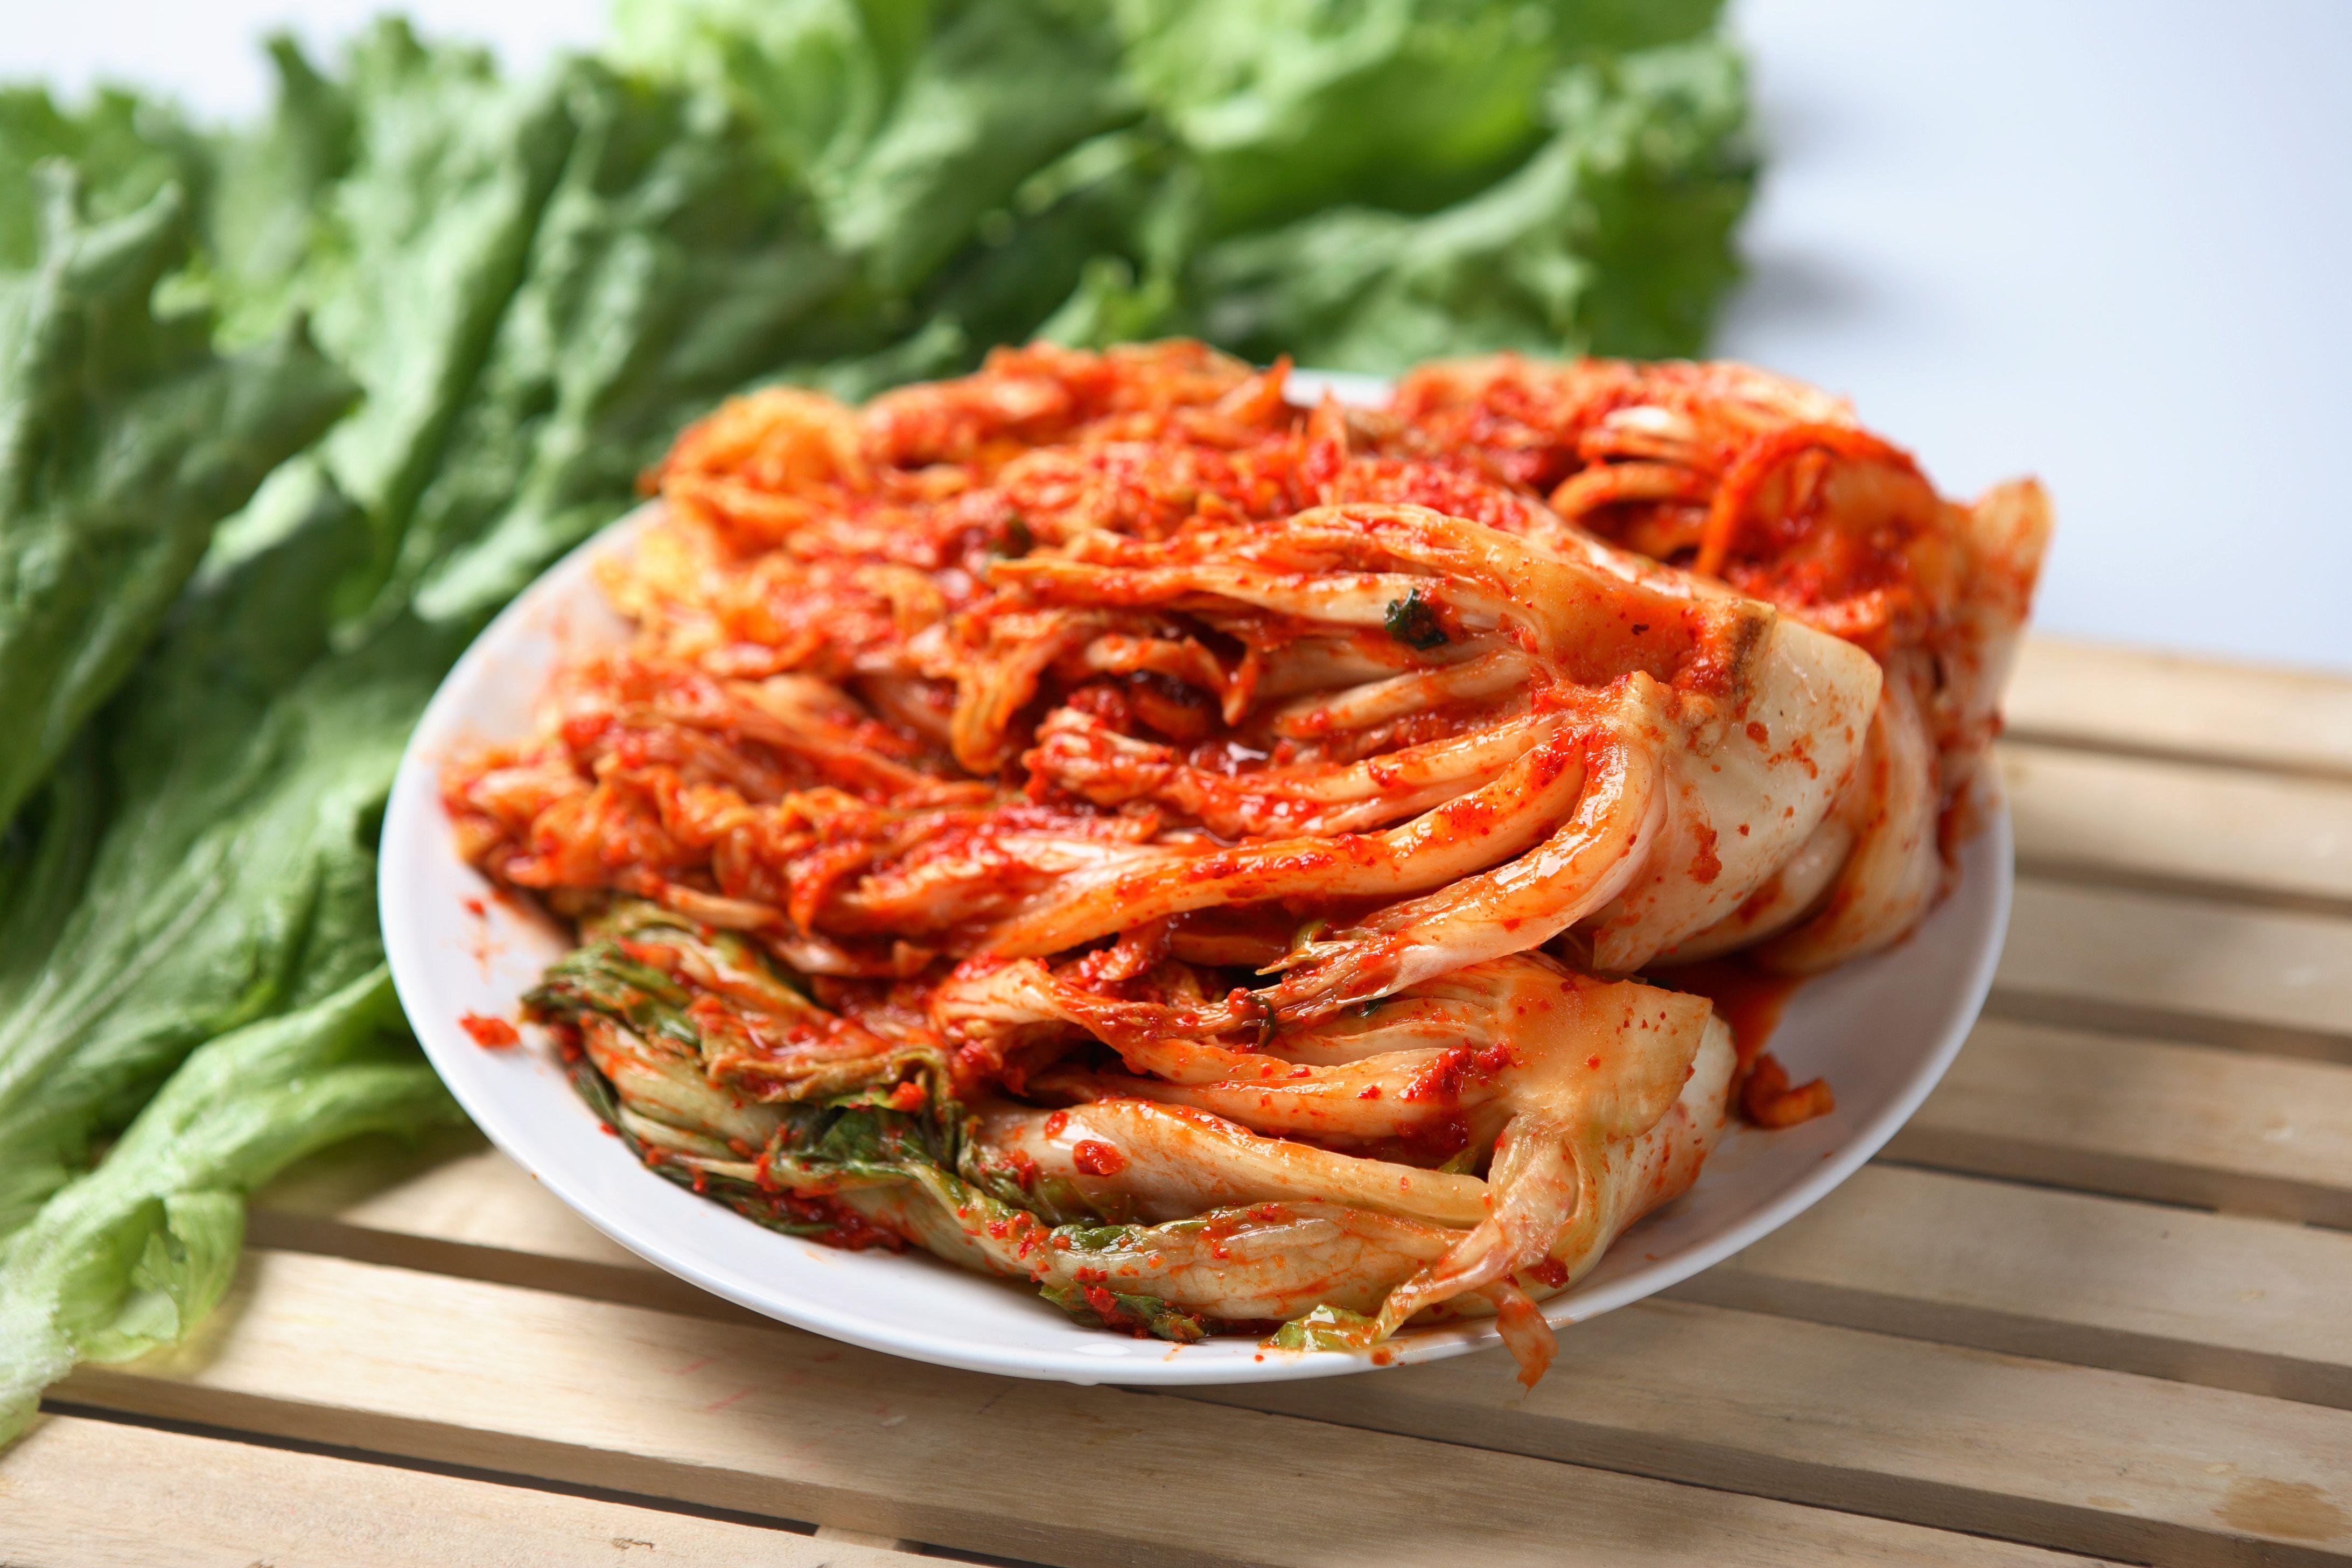 Recipe for Kimchi Using Sriracha Sauce